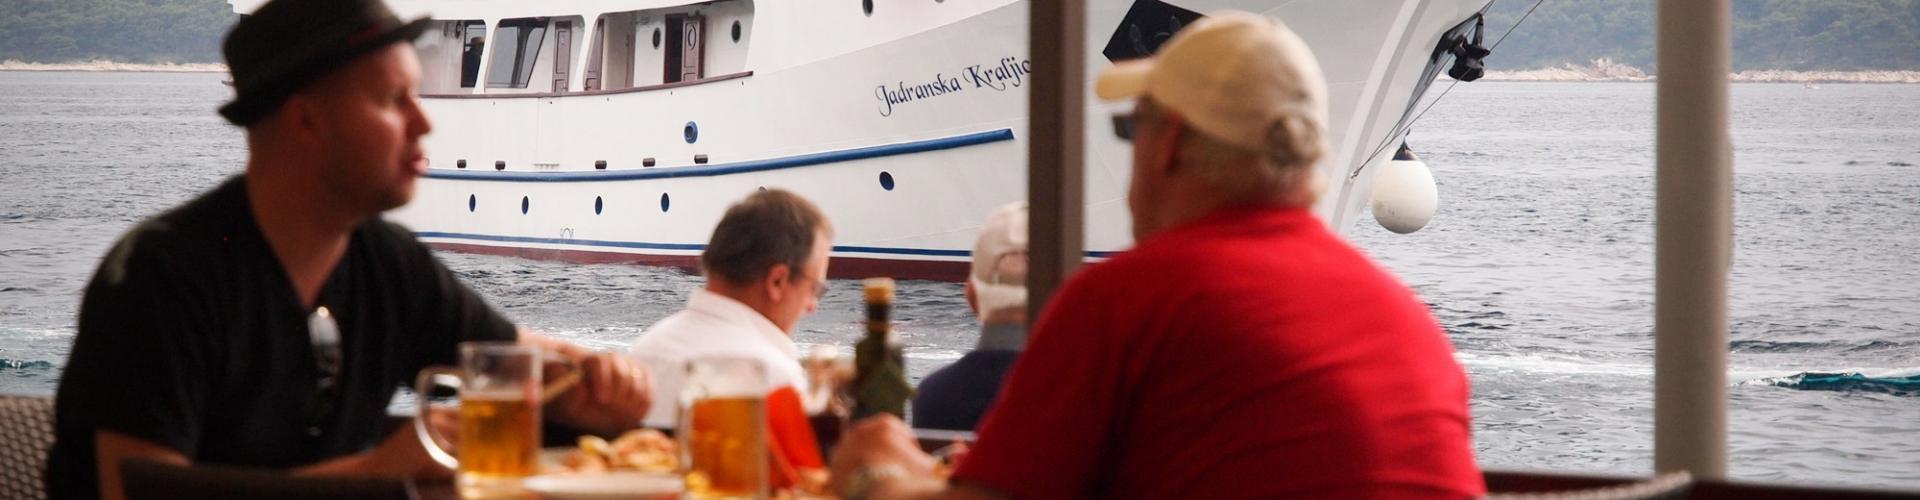 motor sailer Premium cruiser MV Adriatic Queen